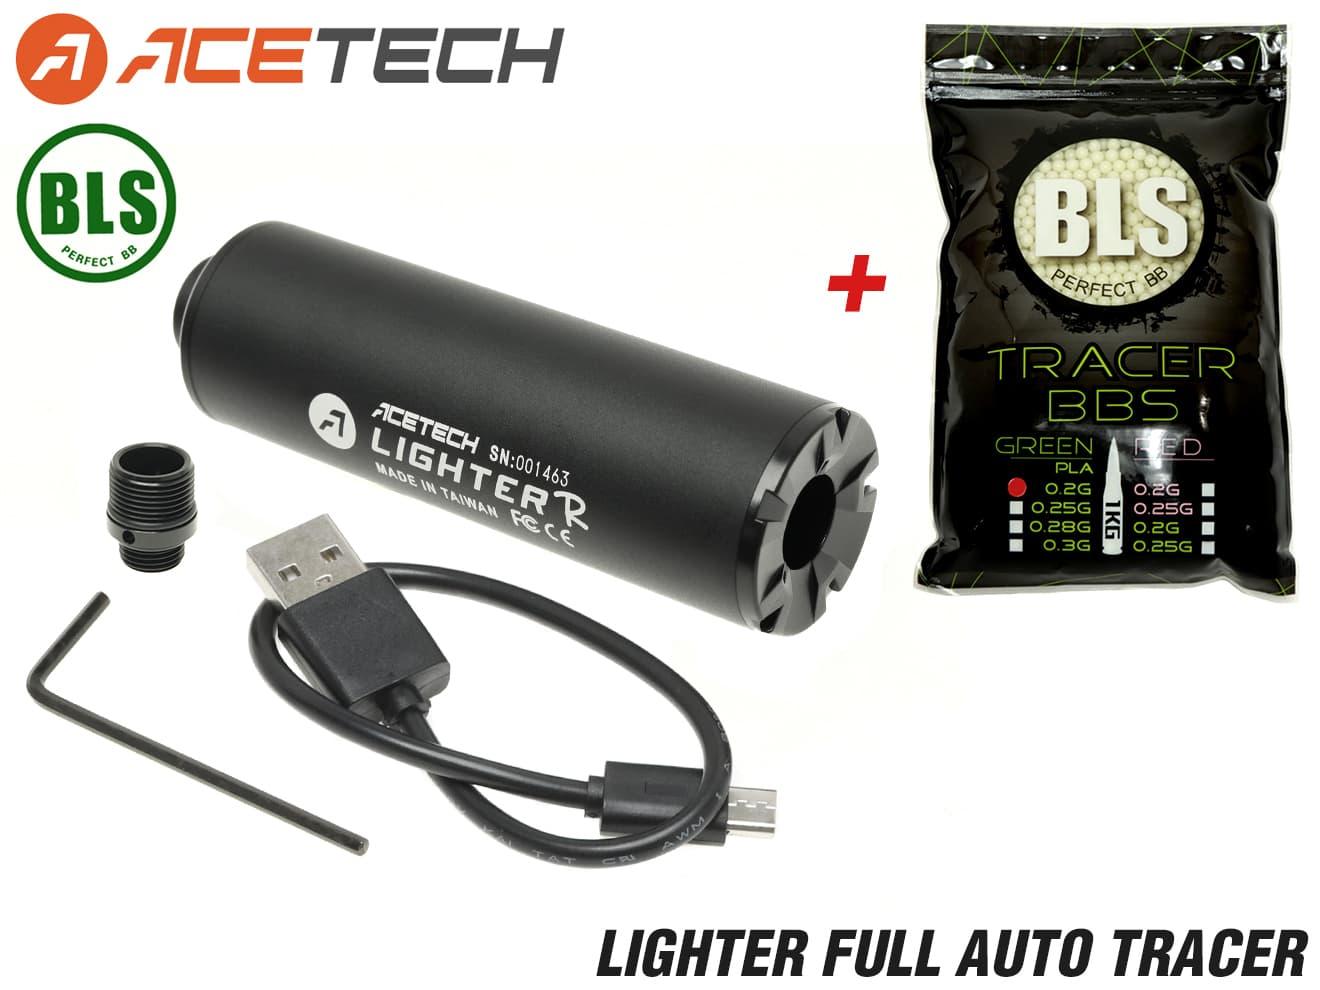 90日保証&日本語取説付 ACETECH LIGHTER フルオートトレーサー + BLS バイオトレーサーBB弾 0.2g セット◆φ30mm SMGやピストルに夜間戦闘